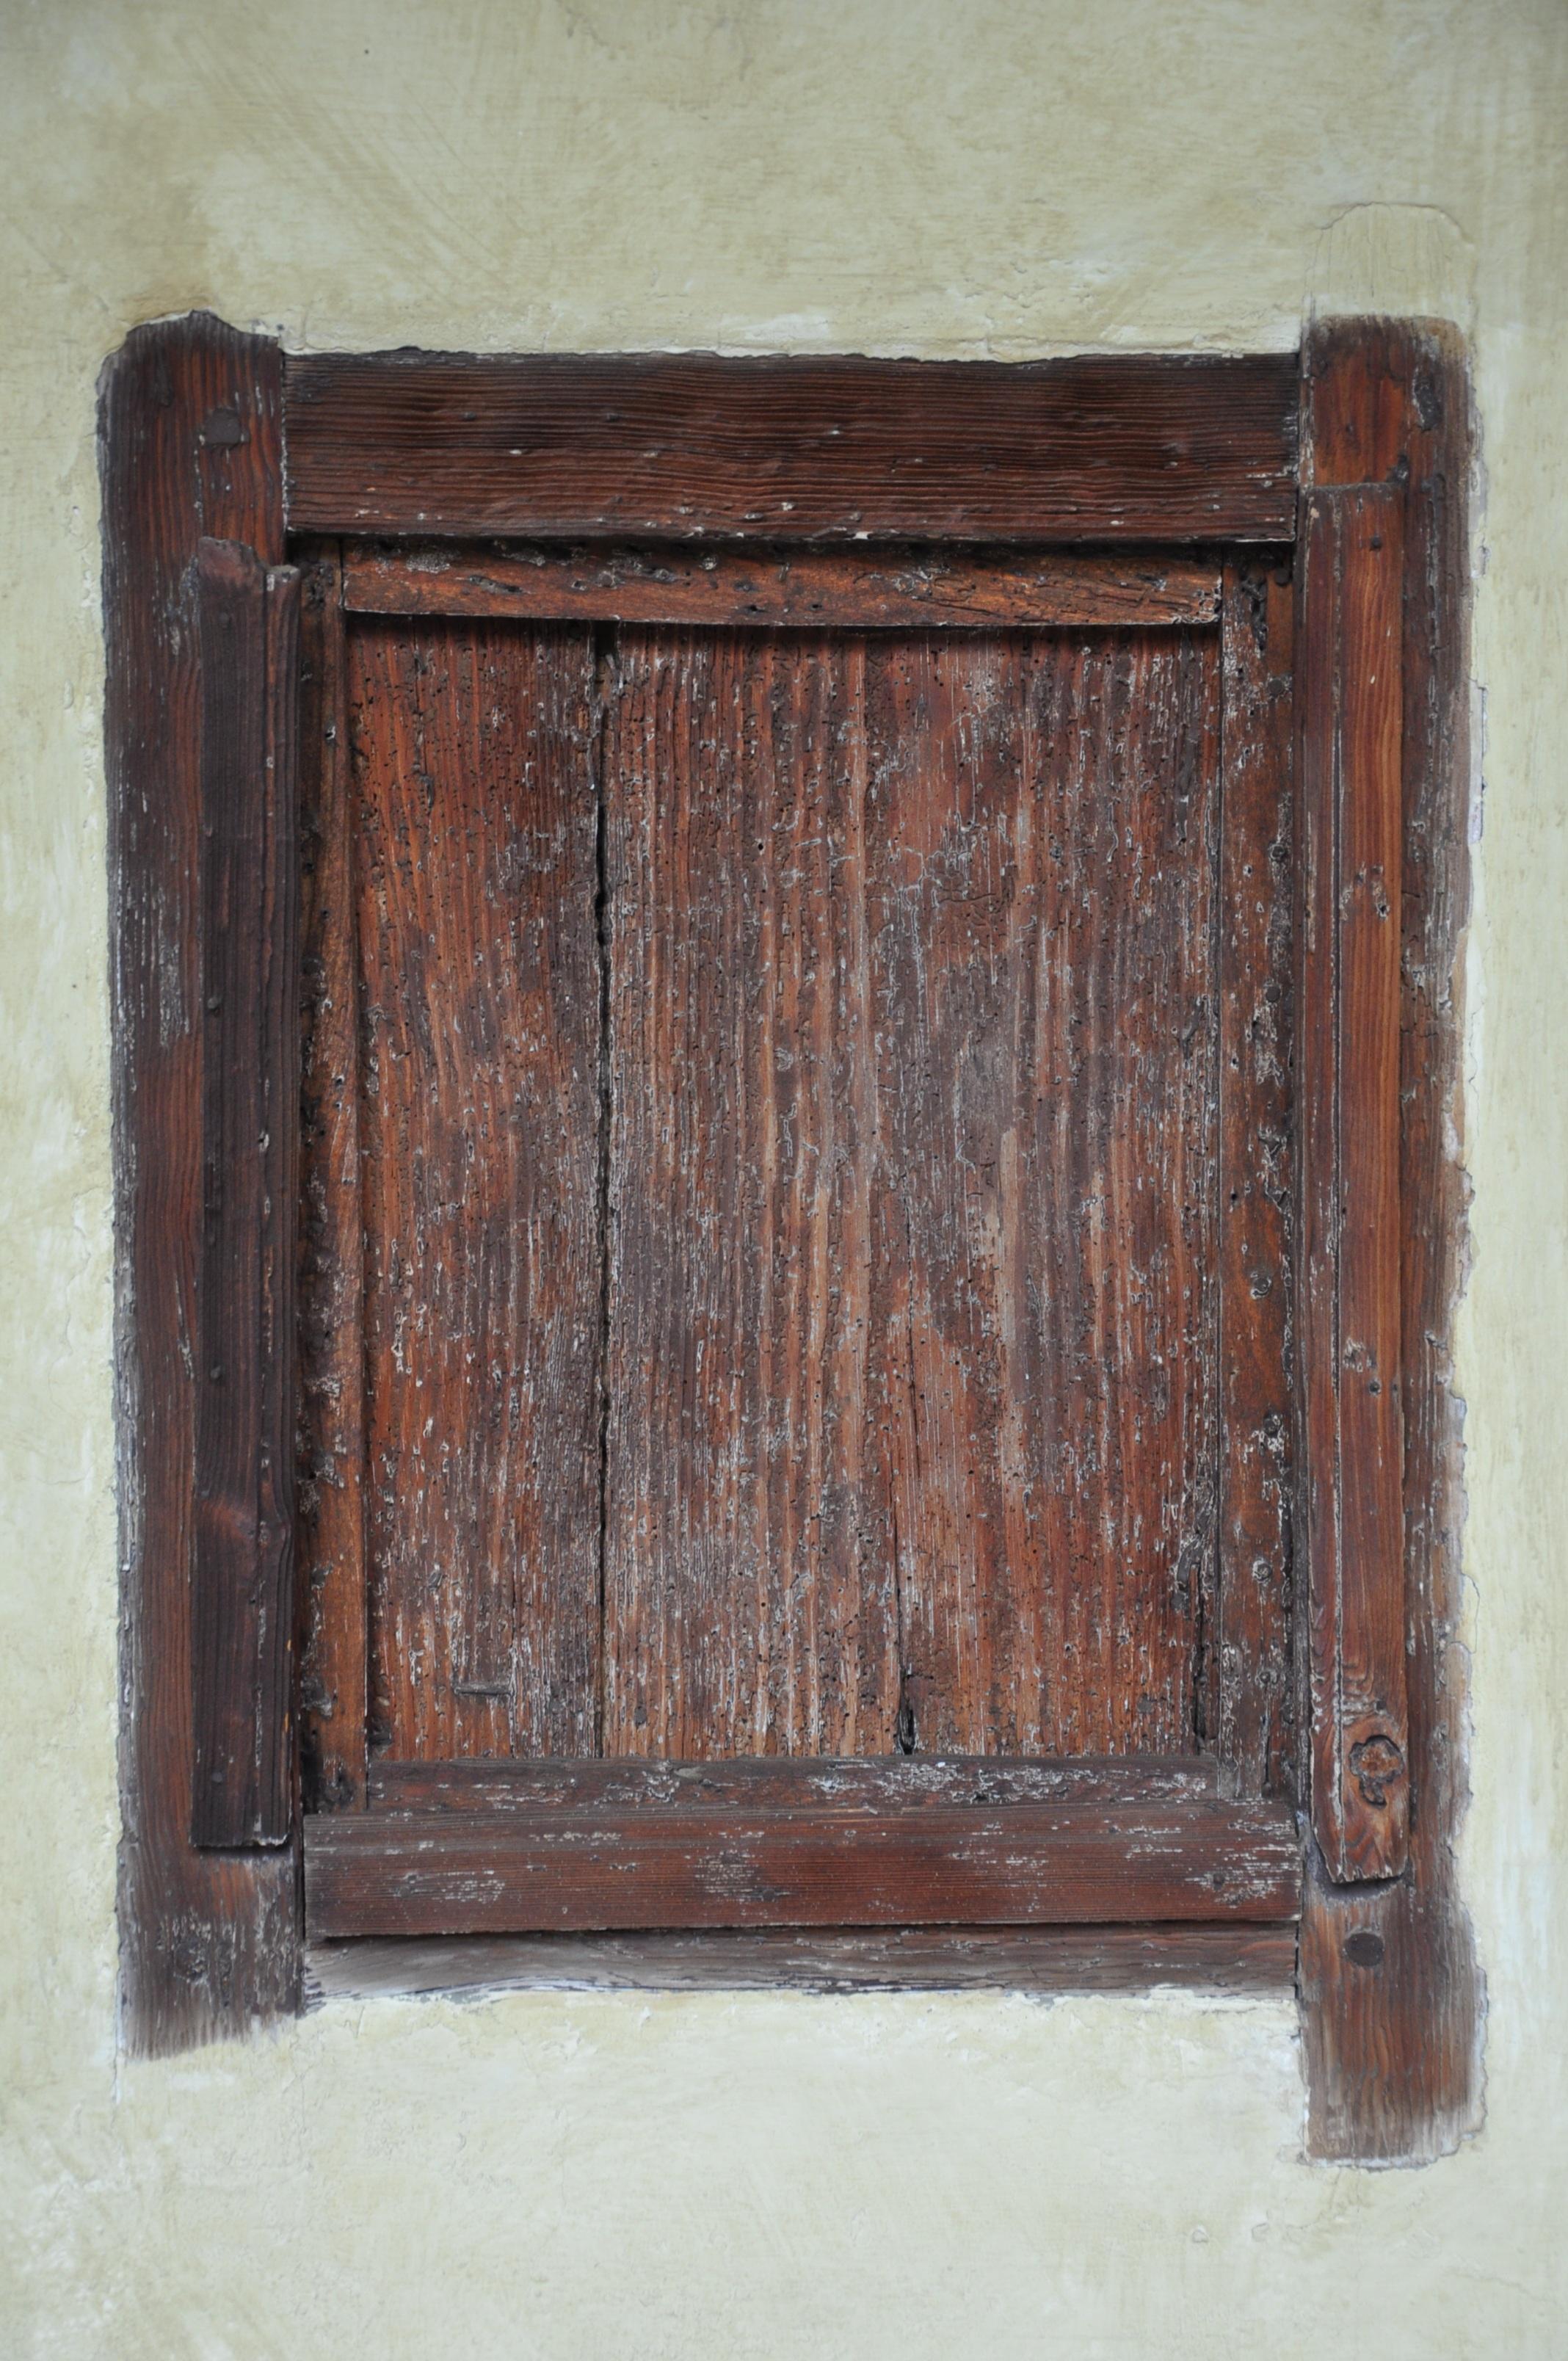 Muur Plank Voor Schilderijen.Gratis Afbeeldingen Architectuur Hout Antiek Venster Muur